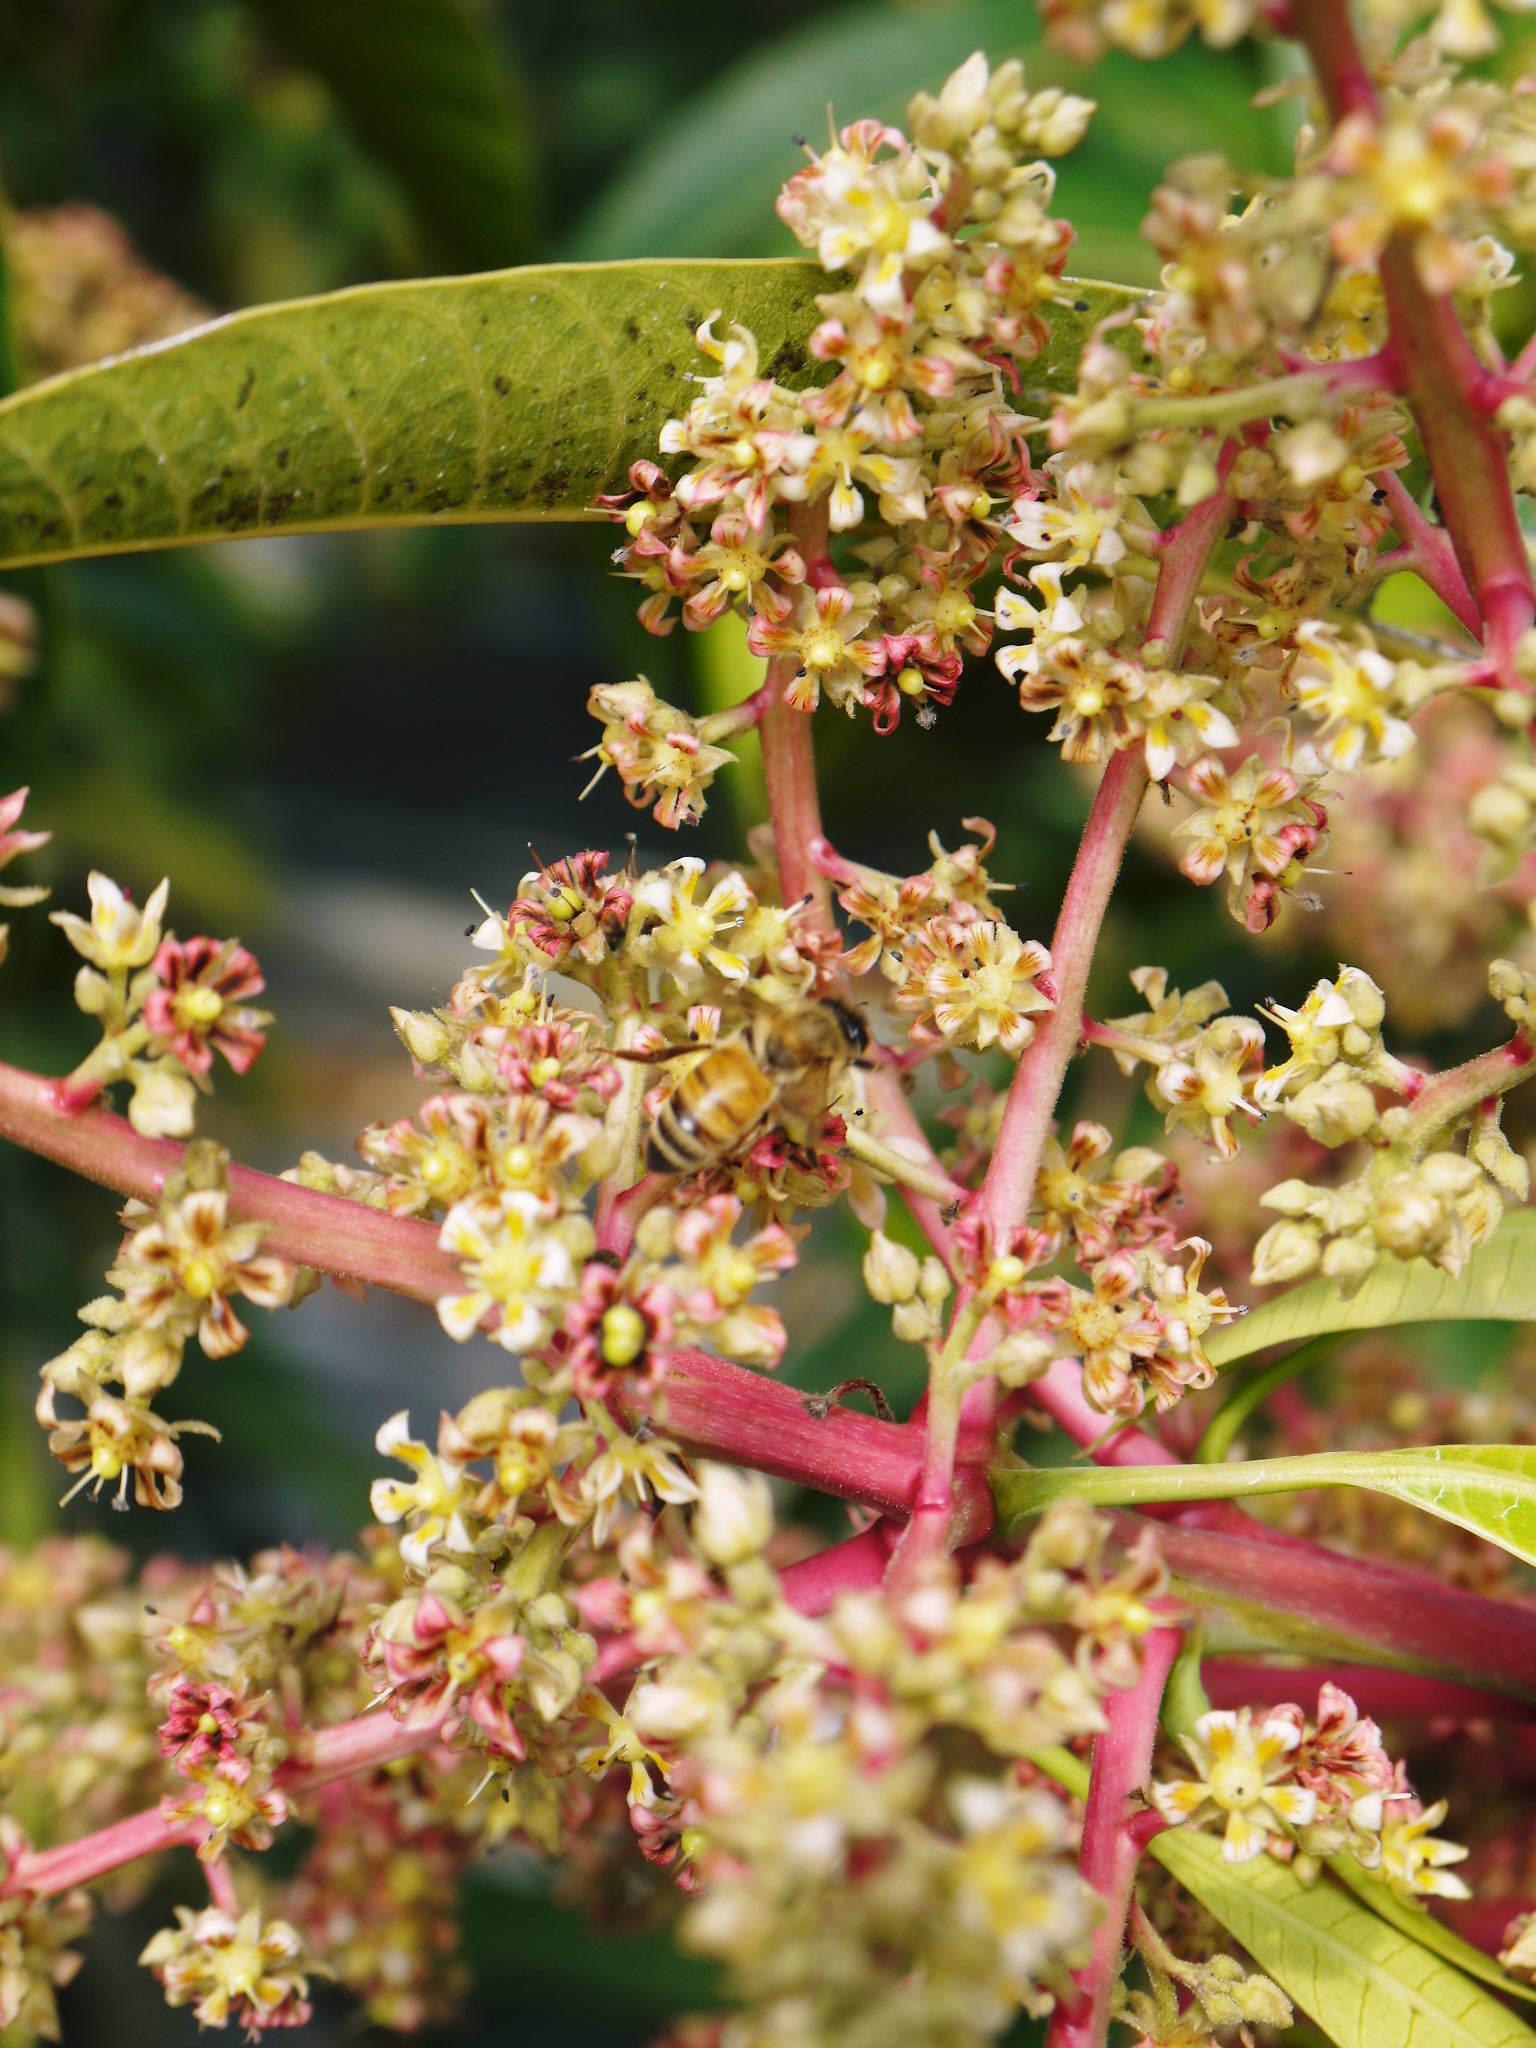 完熟アップルマンゴー マンゴーの花!25年目を迎える今年も惜しまぬ手間ひまで花芽を全て吊って育てます!_a0254656_18152846.jpg